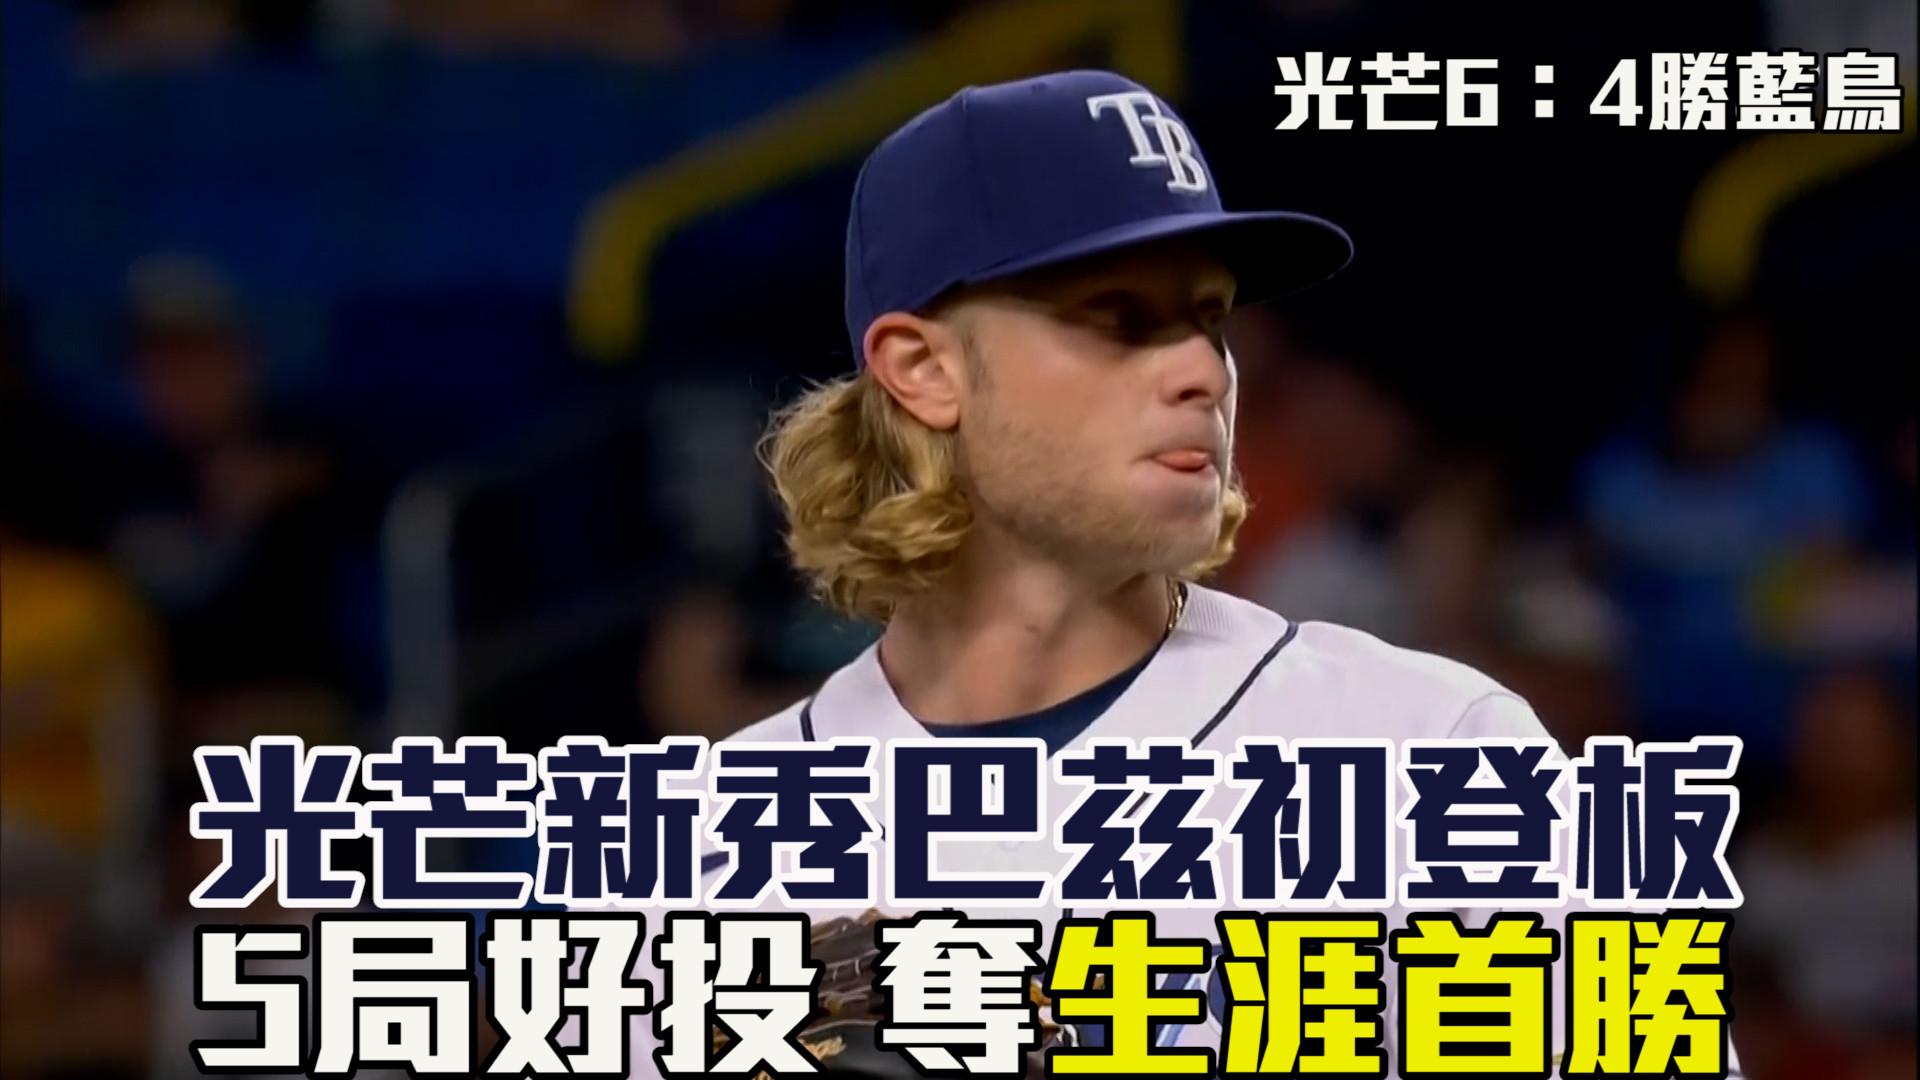 【MLB看愛爾達】光芒新秀巴茲初登板 五局好投奪首勝 9/21